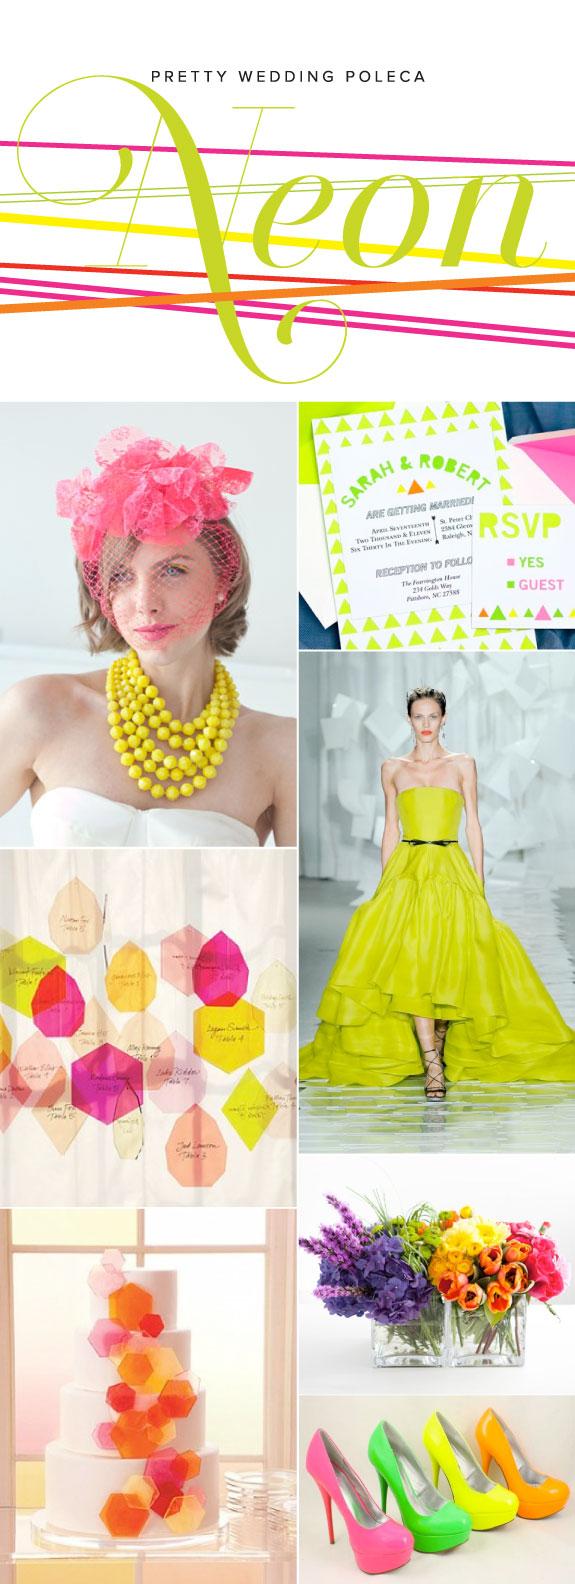 Inspiracja Kolorystyczna na Ślub i Wesele: Neonowe Kolory